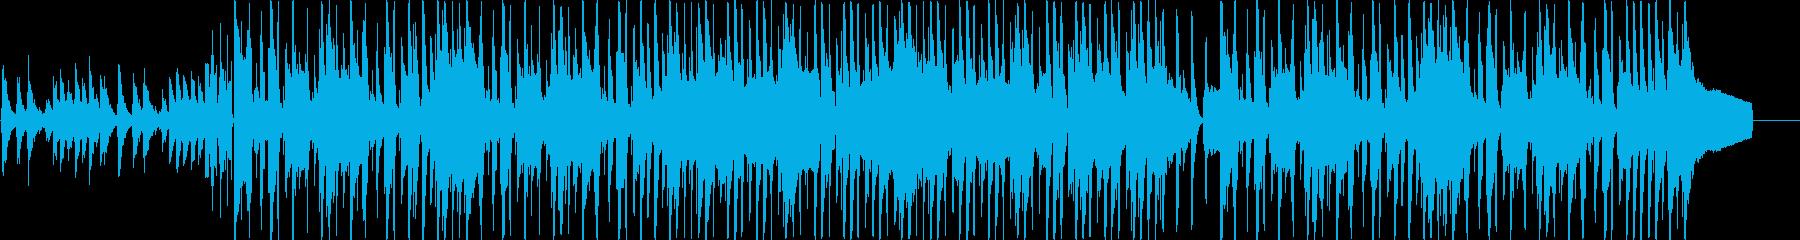 オシャレ/ピコピコ/日常系/リコーダーの再生済みの波形